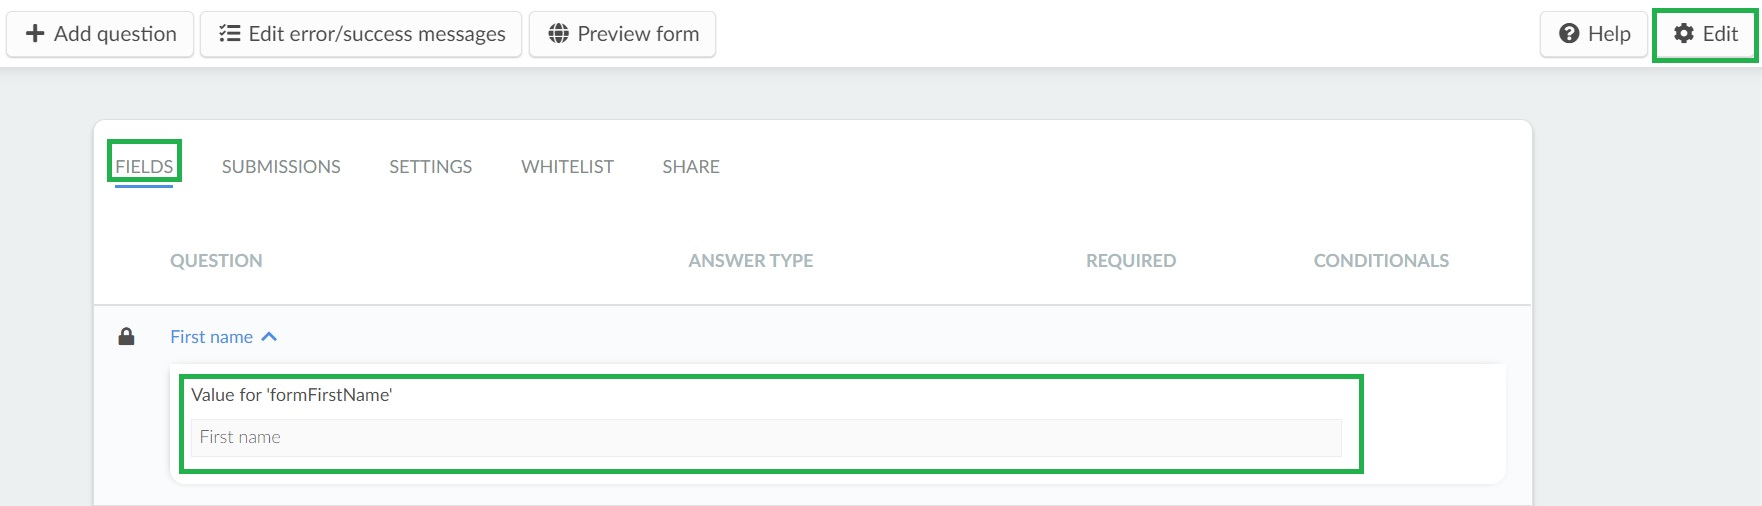 Editing default questions